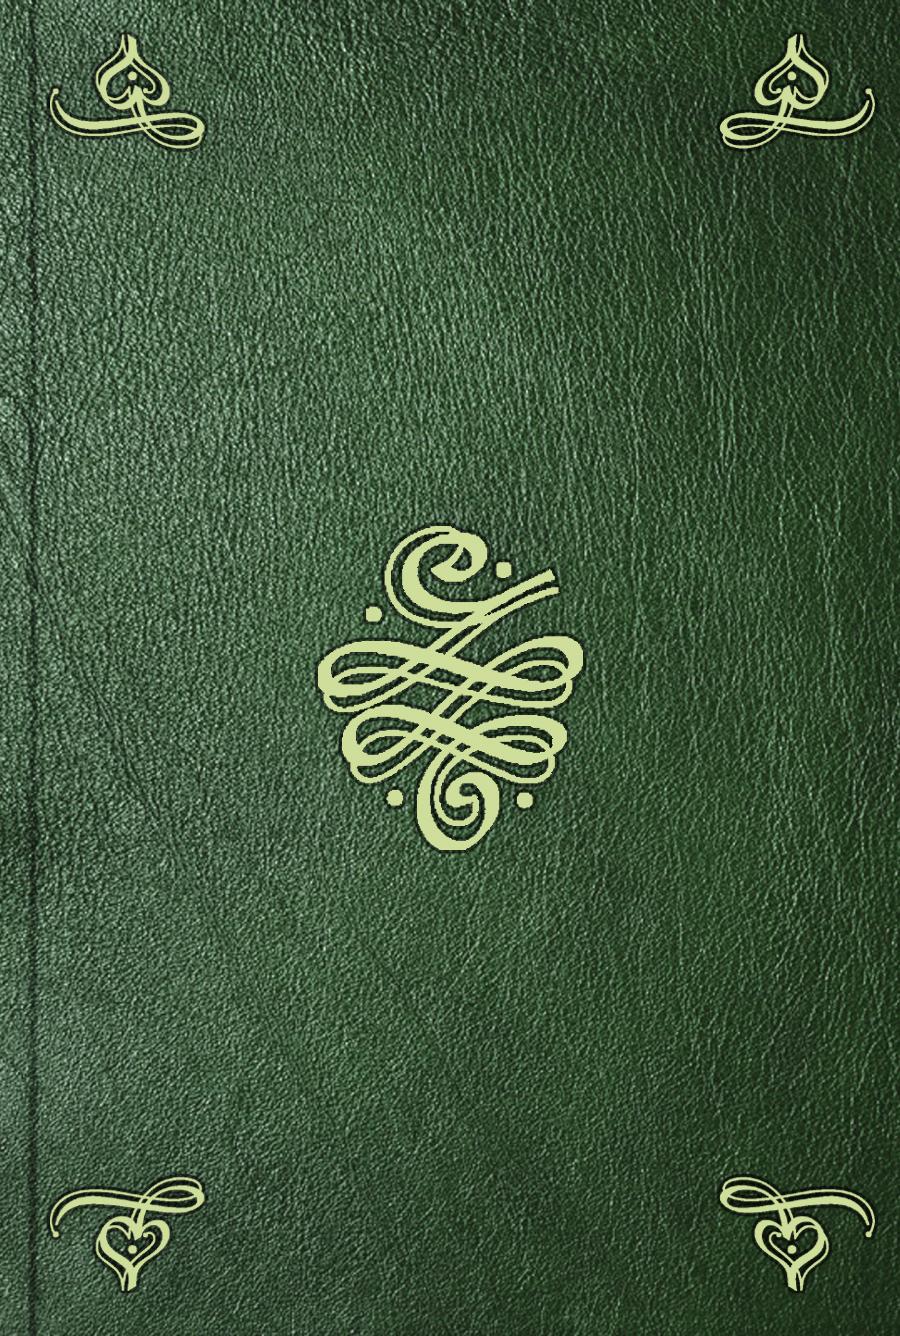 Ennio Quirino Visconti Musee Pie-Clementin. T. 4 ennio morricone ennio morricone s greatest hits 2 cd